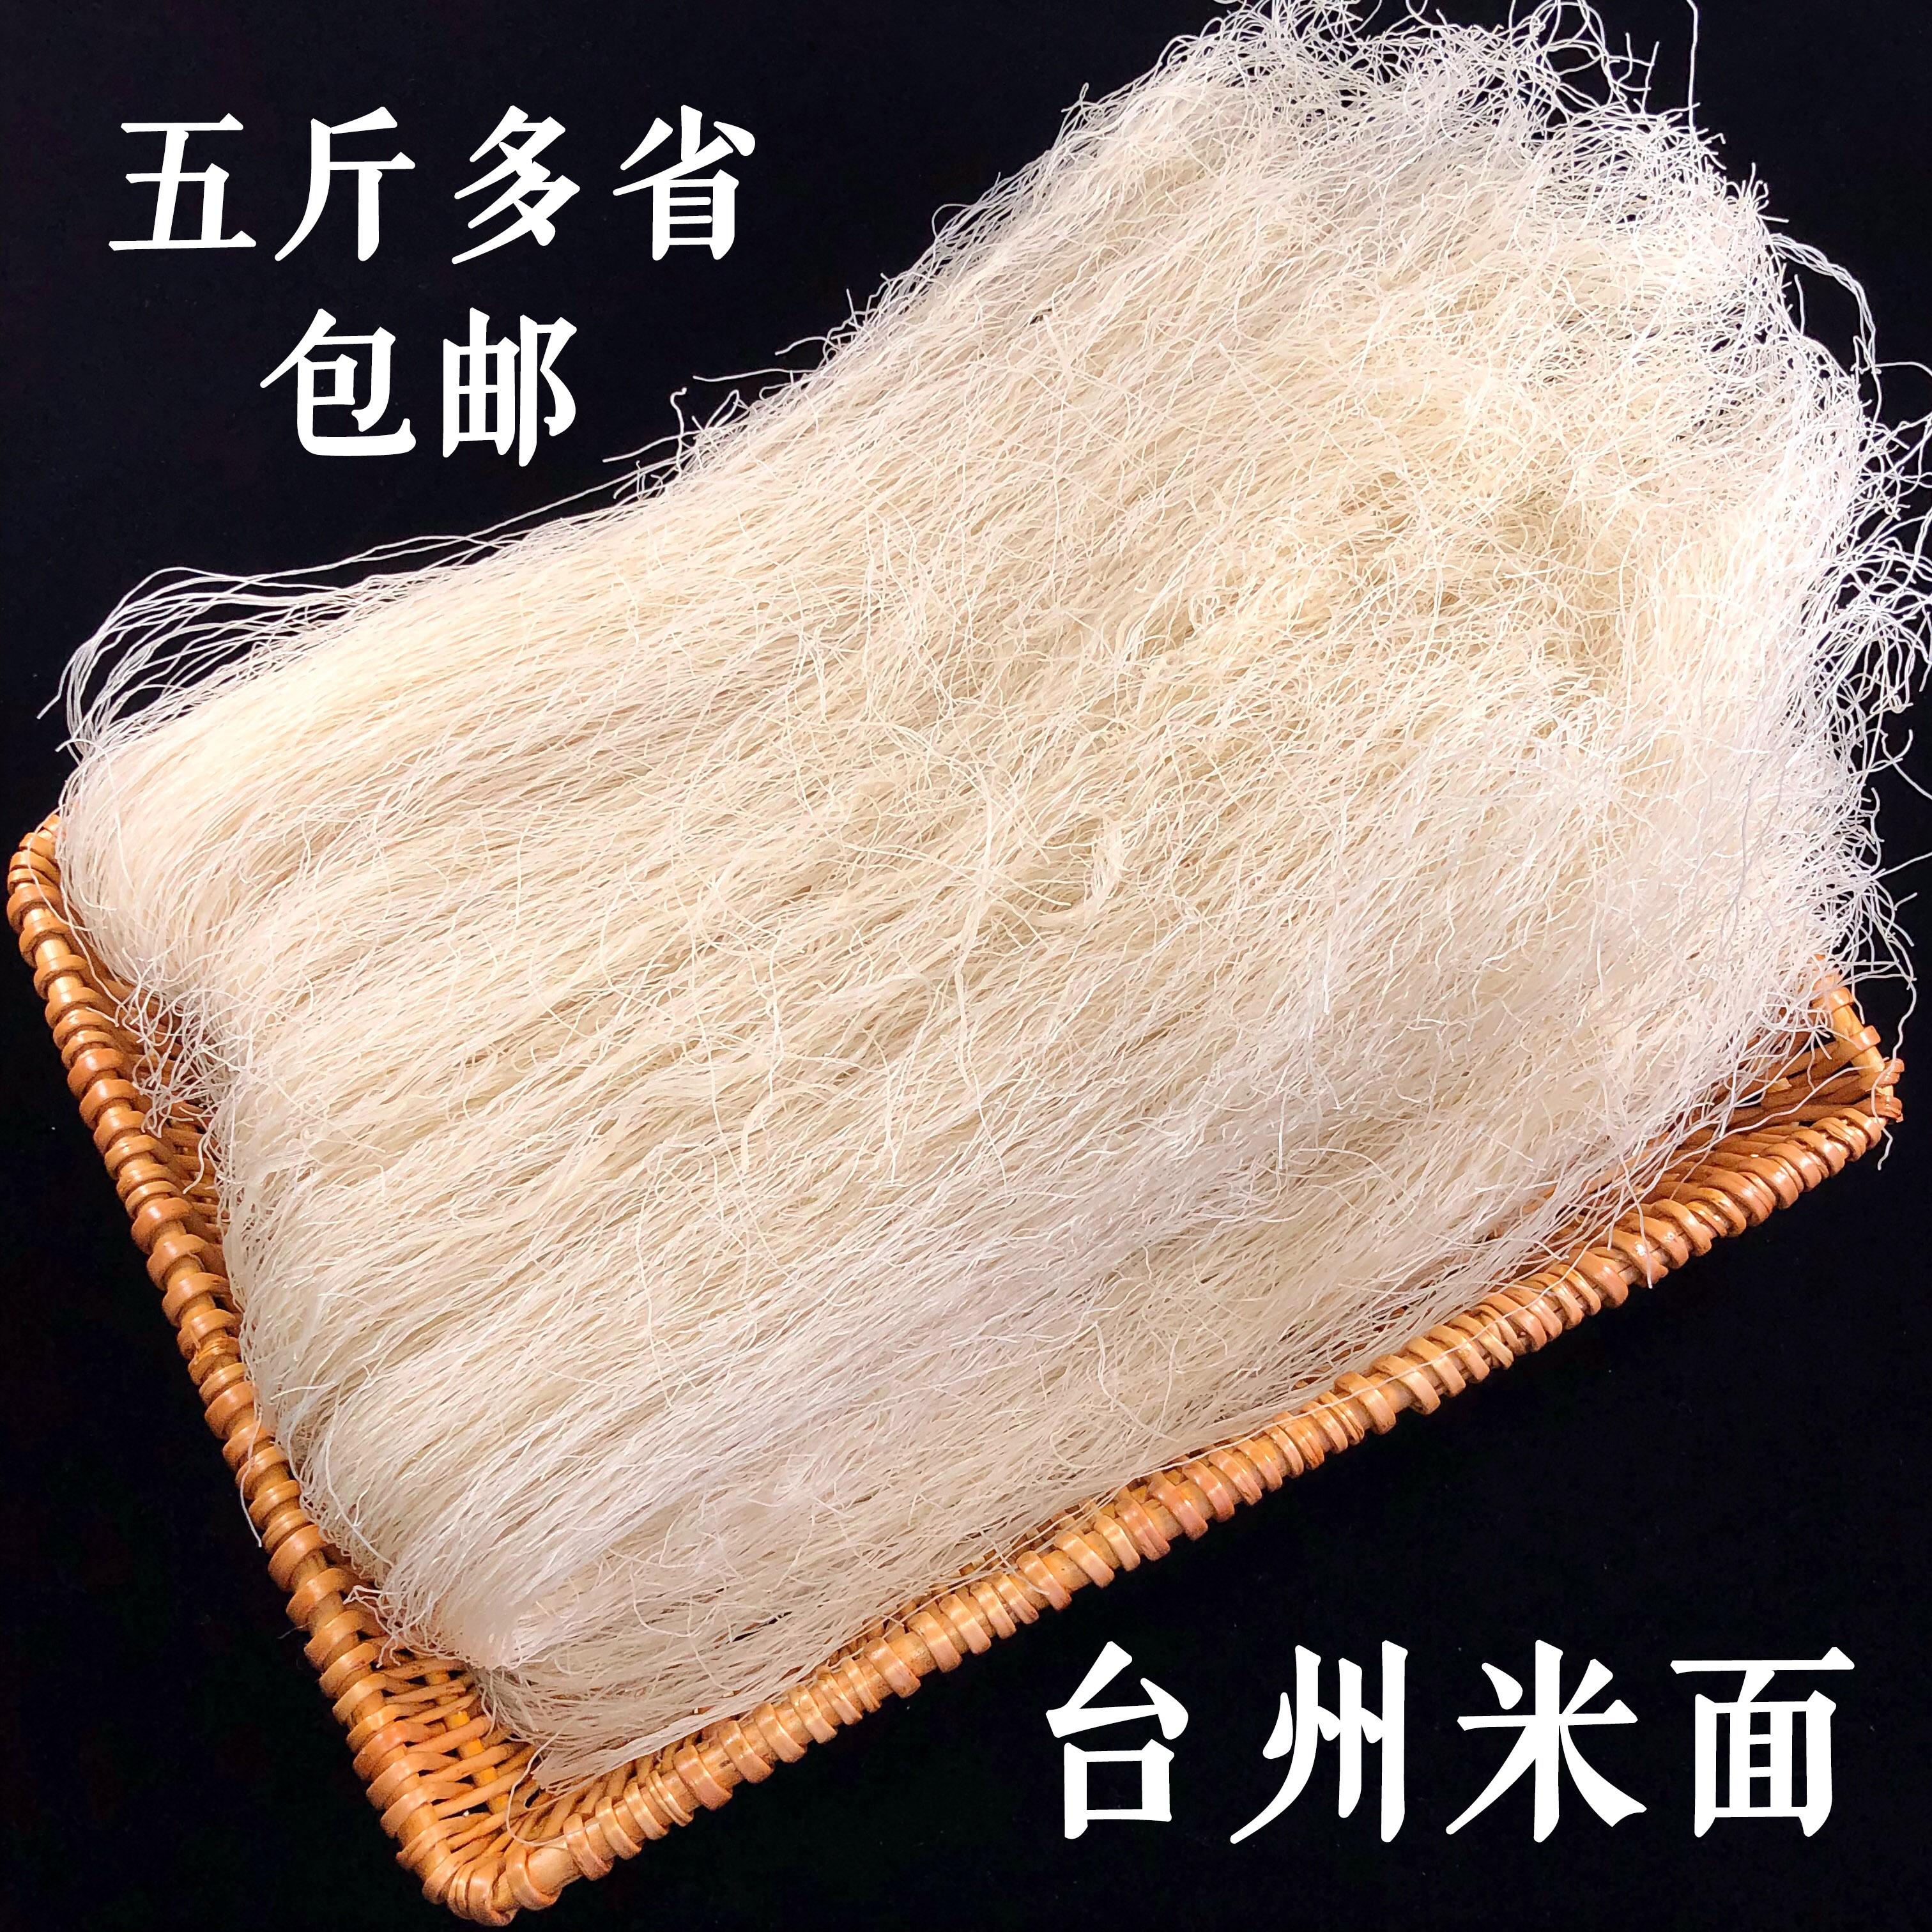 5斤包邮浙江台州特产临海小芝细米面热销炒米面方便面条米粉米面